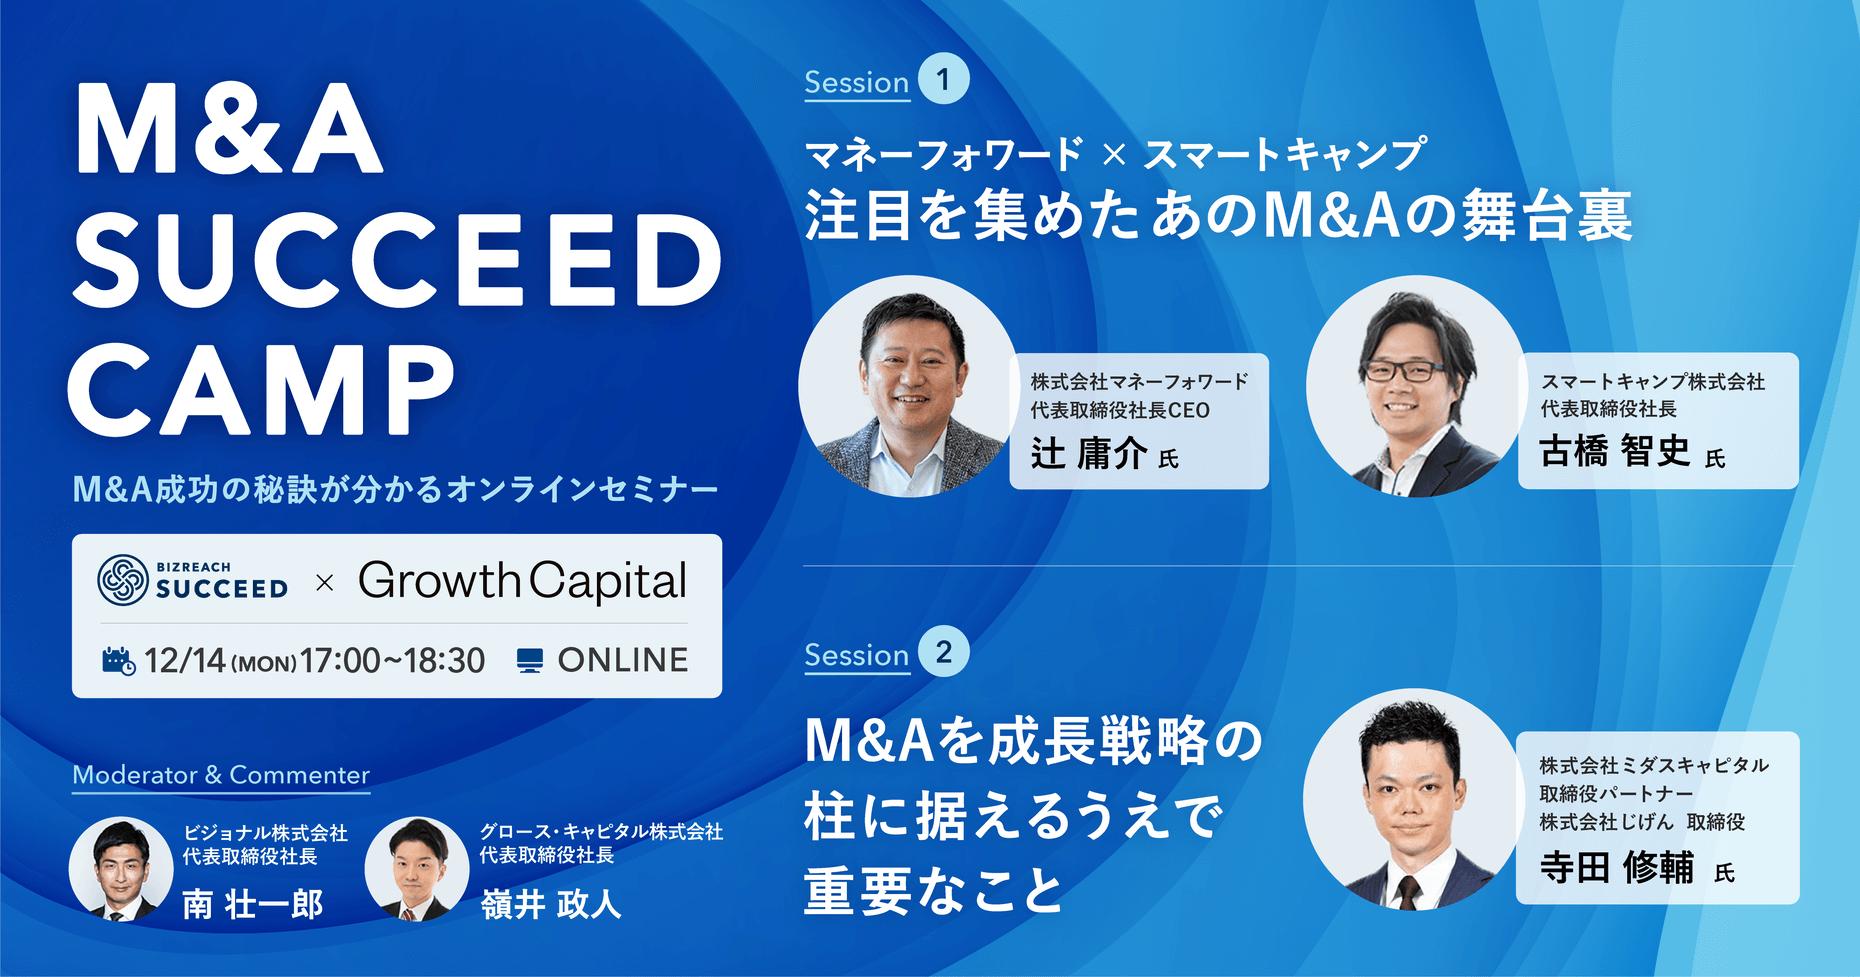 M&A SUCCEED CAMP|M&A成功の秘訣が分かるオンラインセミナー